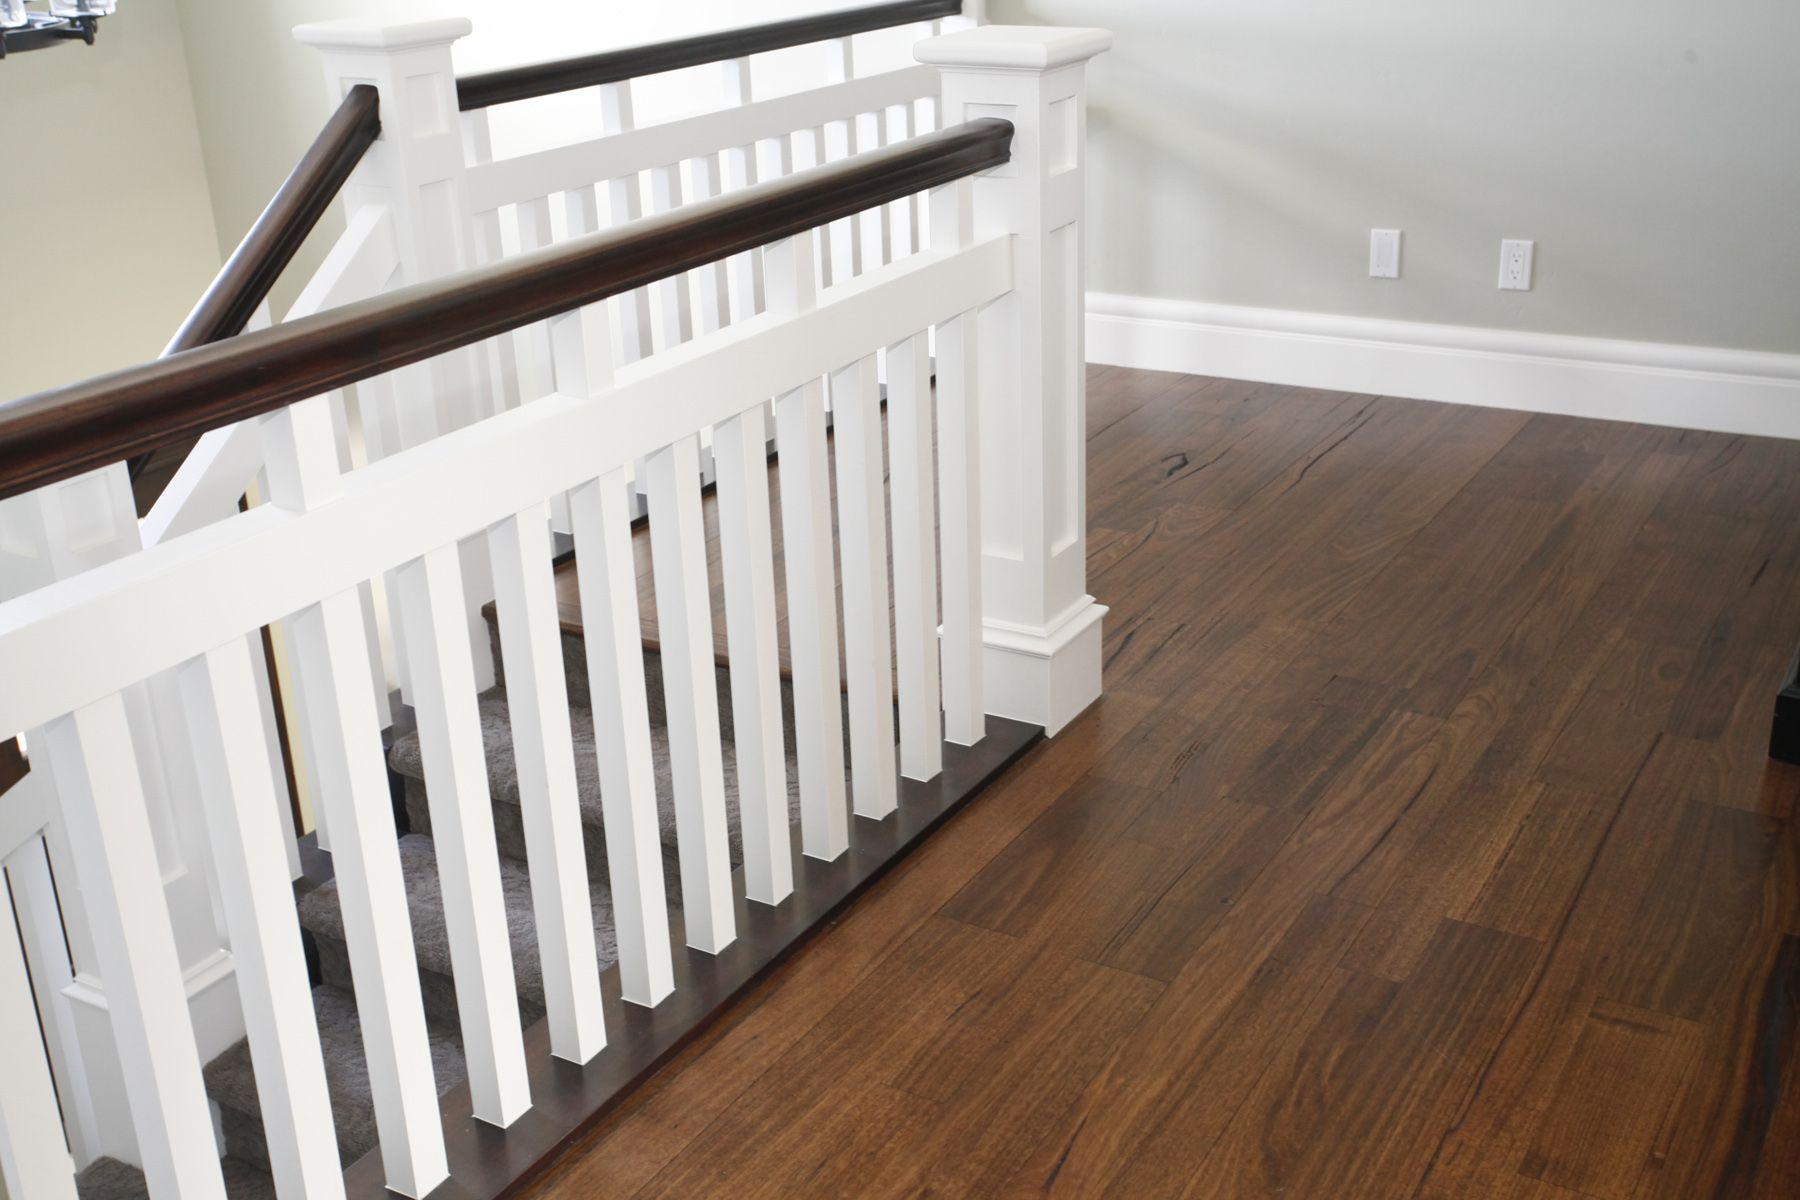 hardwood floor refinishing utah of hardwood floor landing decor ideas pinterest for hardwood floor landing